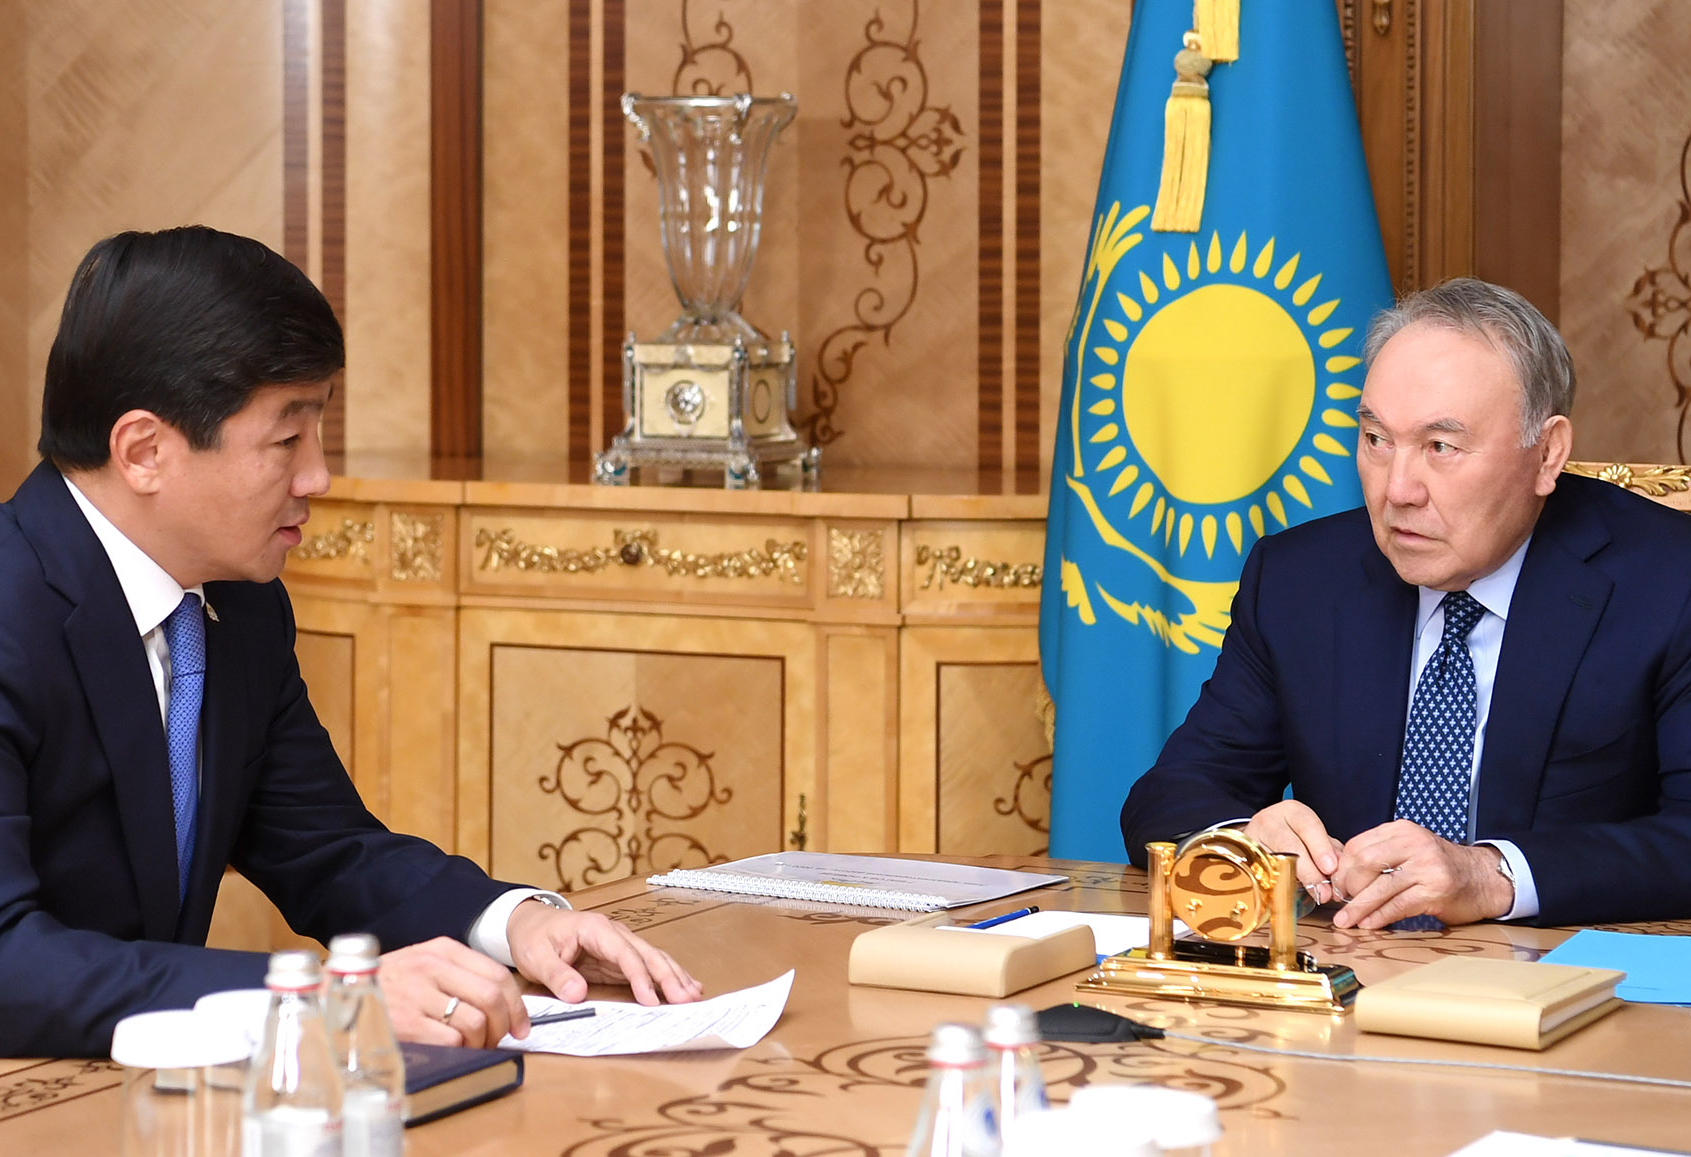 Нурсултан Назарбаев принял первого заместителя председателя партии Nur Otan Бауыржана Байбека